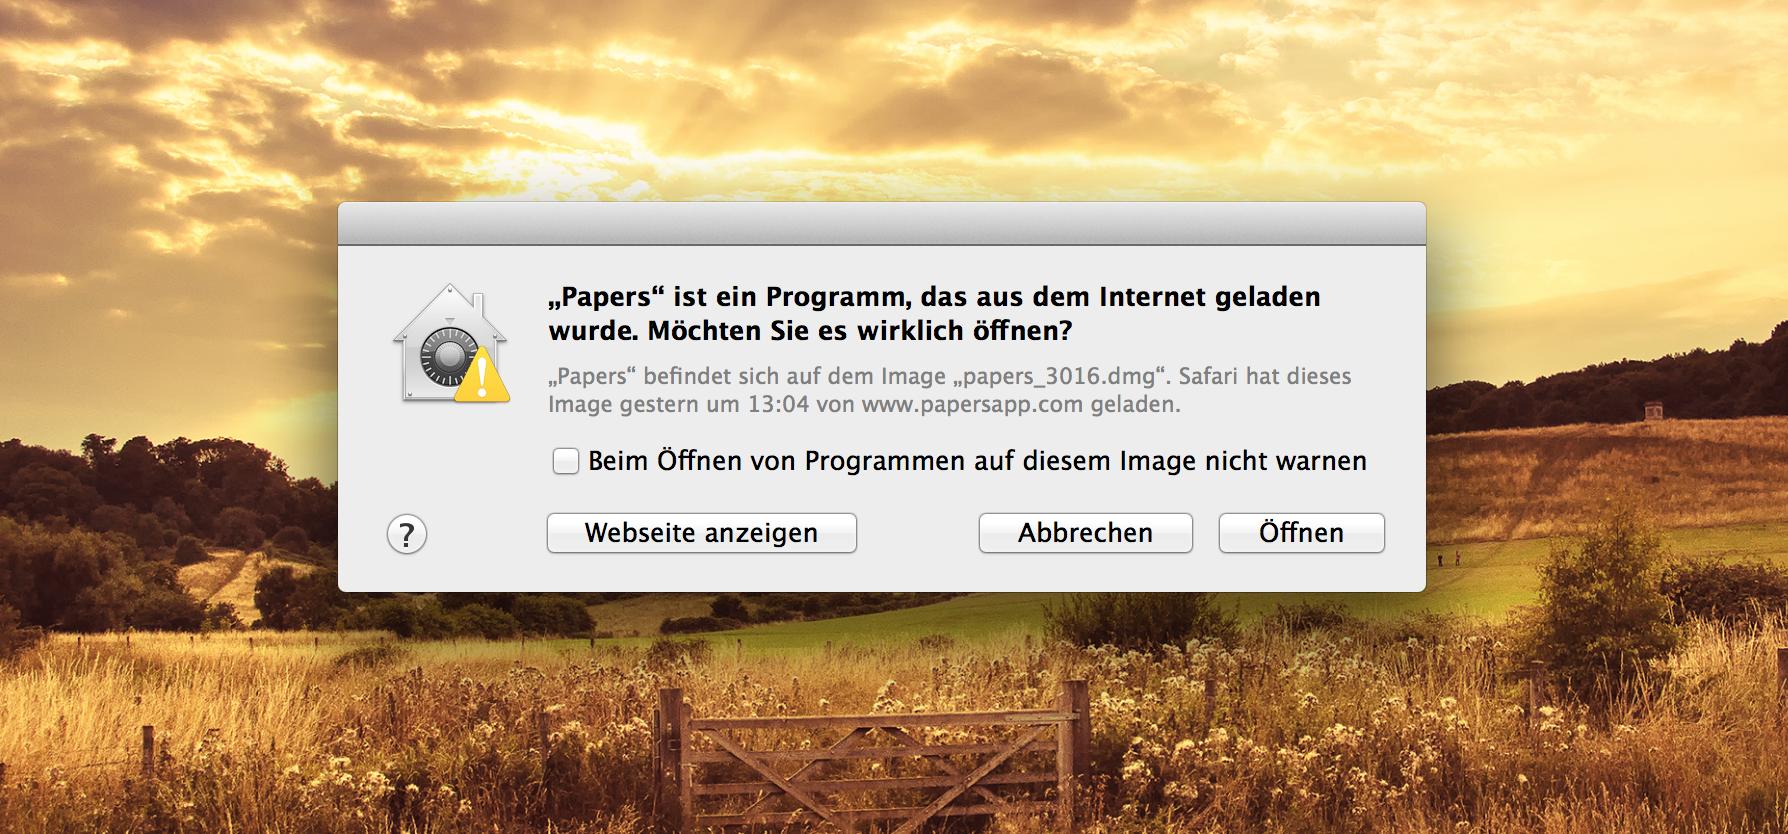 [mac] Wiederholtes Bestätigen beim Öffnen von gedownloadeten Programmen